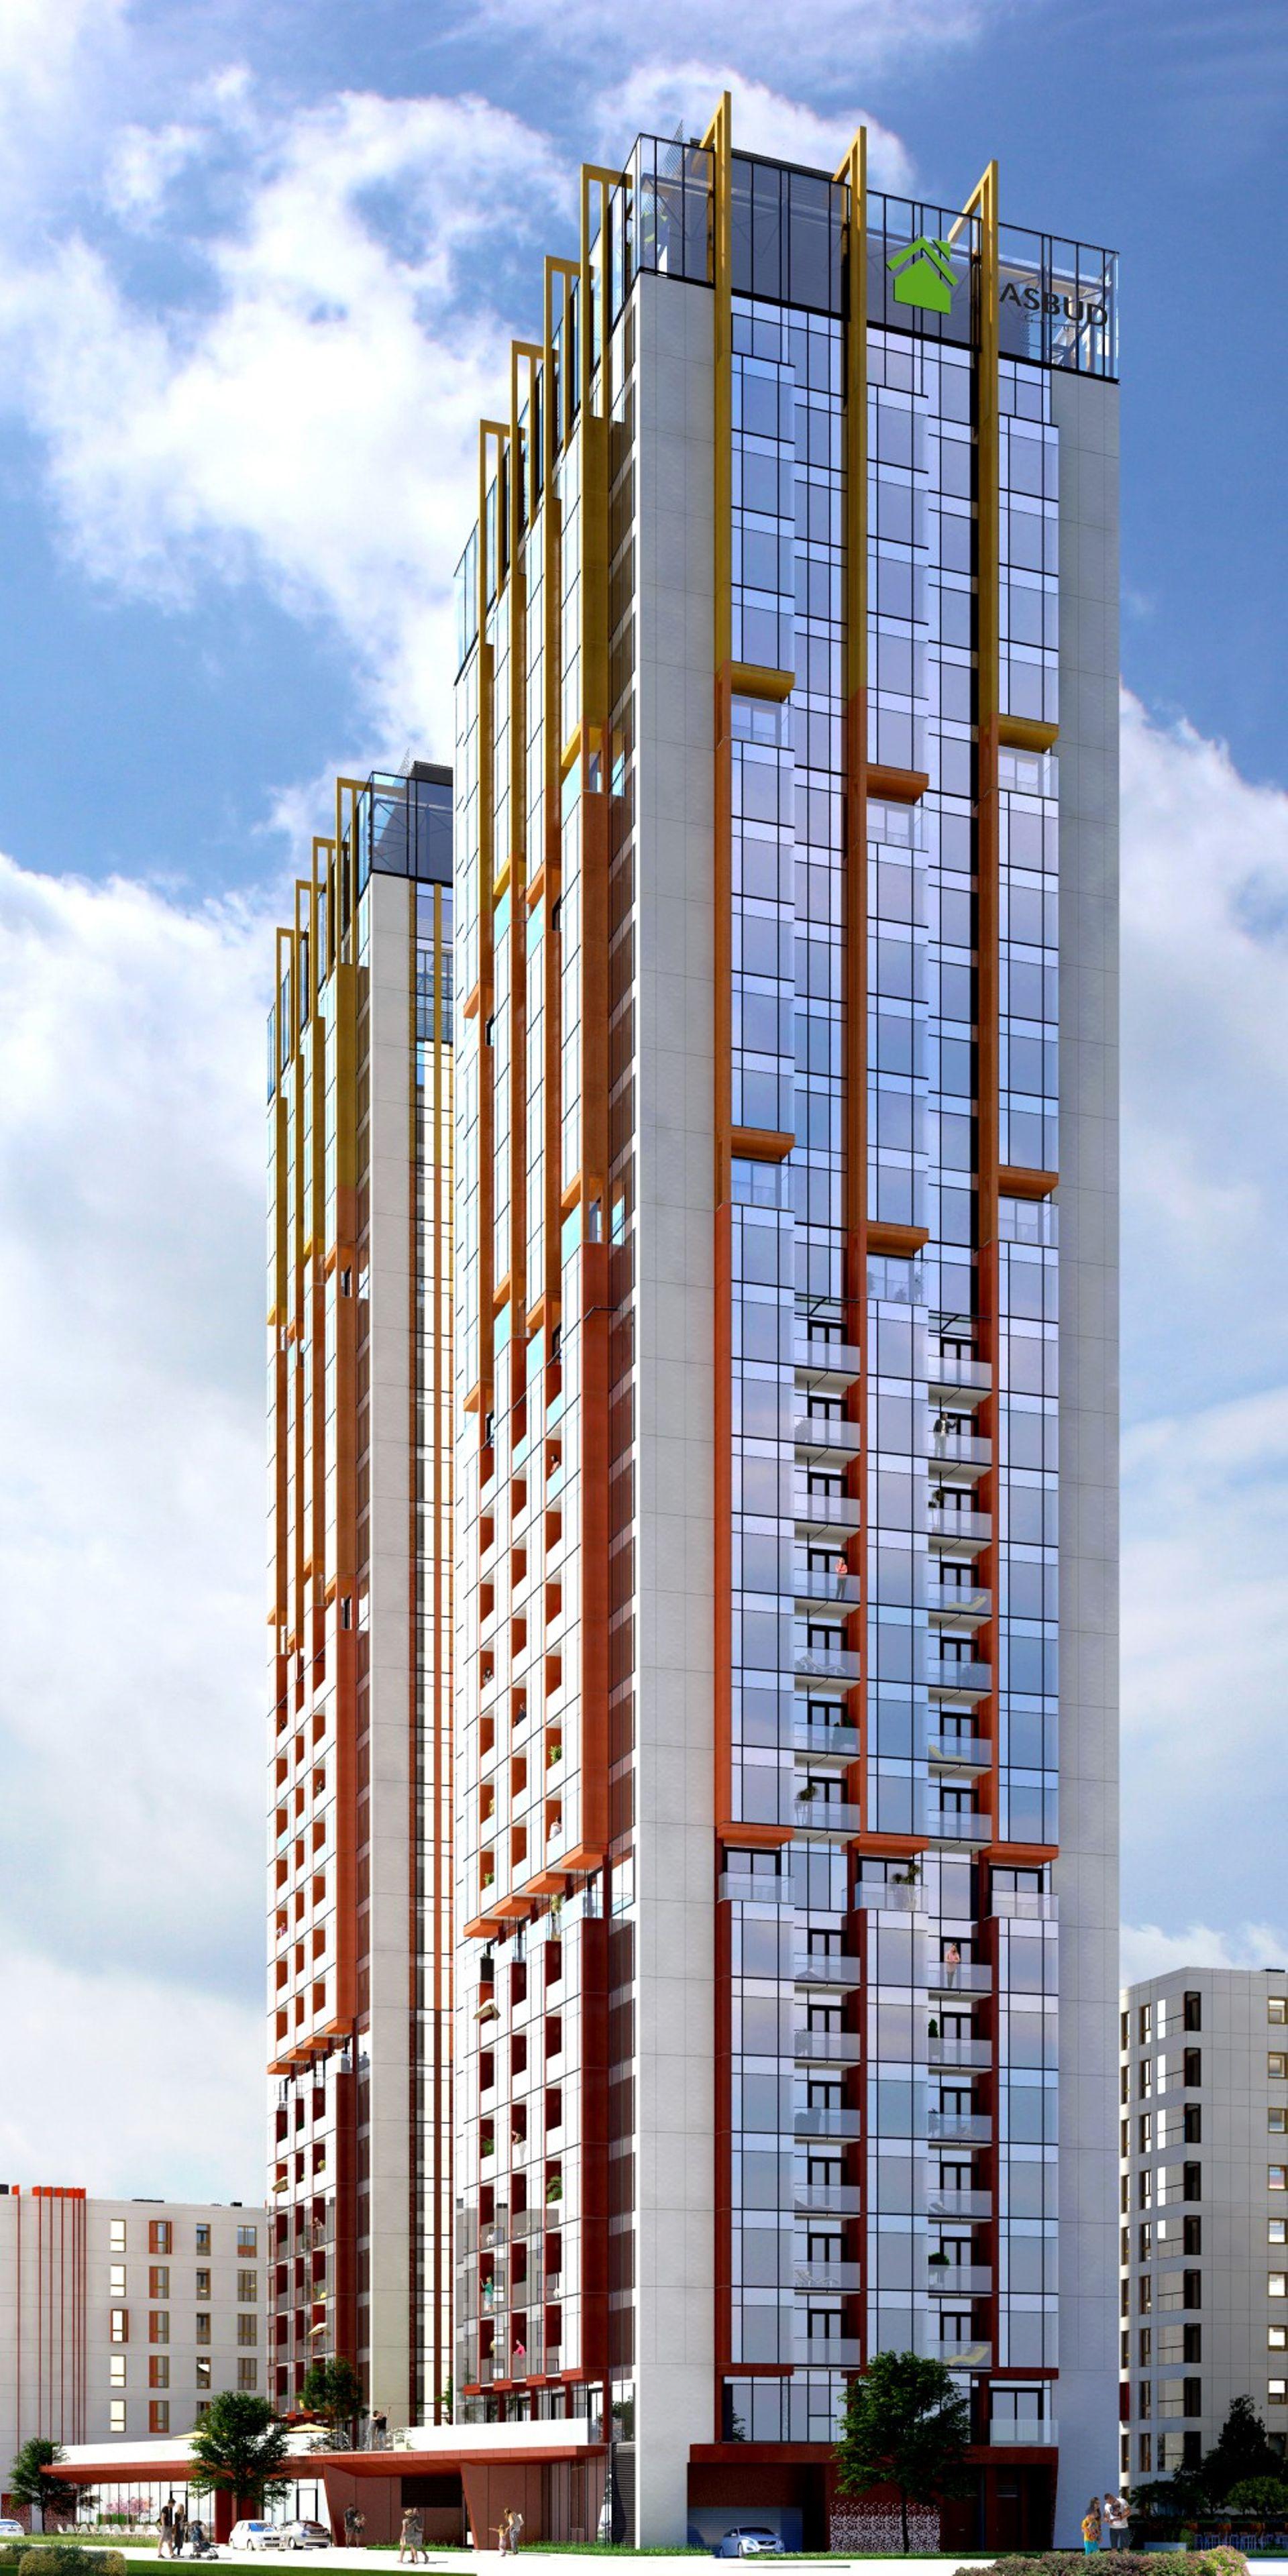 Warszawa: Towarowa Towers – Asbud przygotowuje dwie nowe wieże na Woli